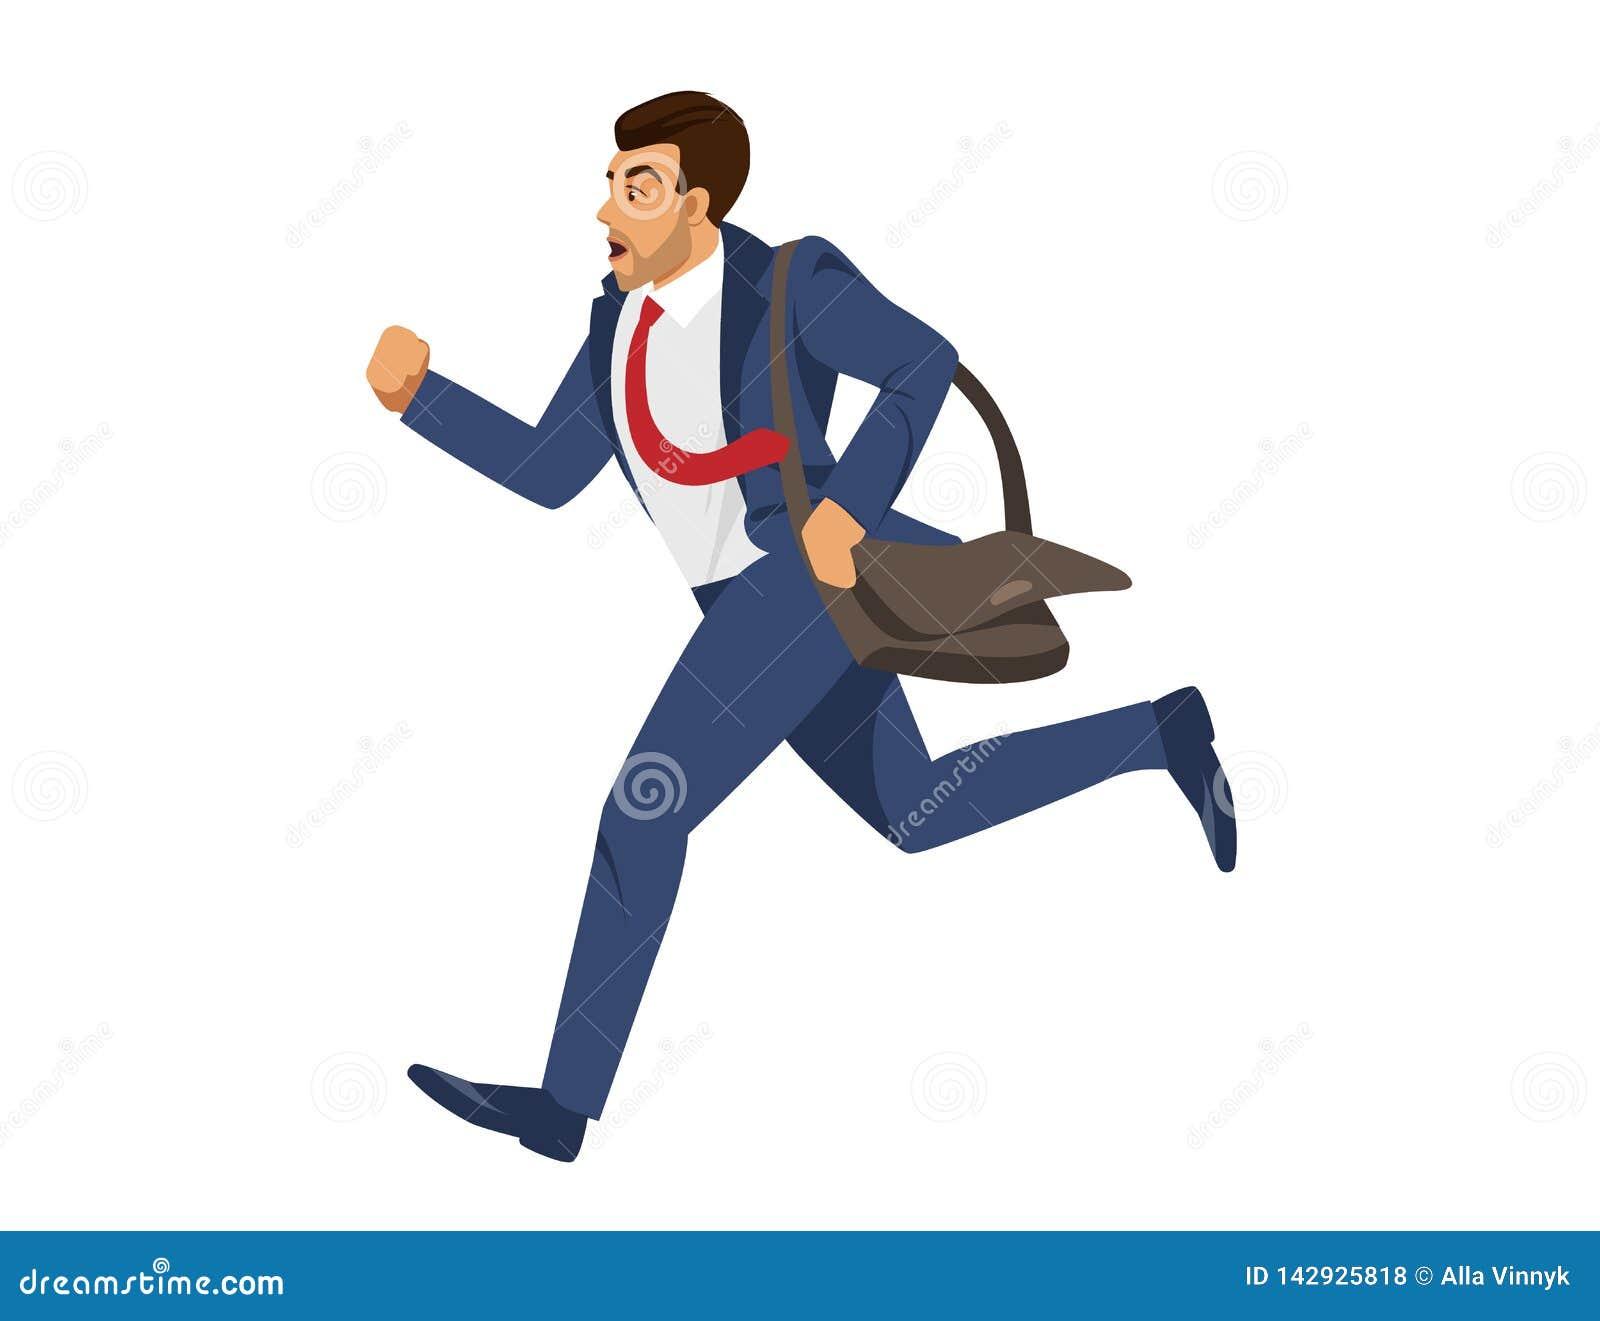 蓝色正装奔跑的人在白色背景